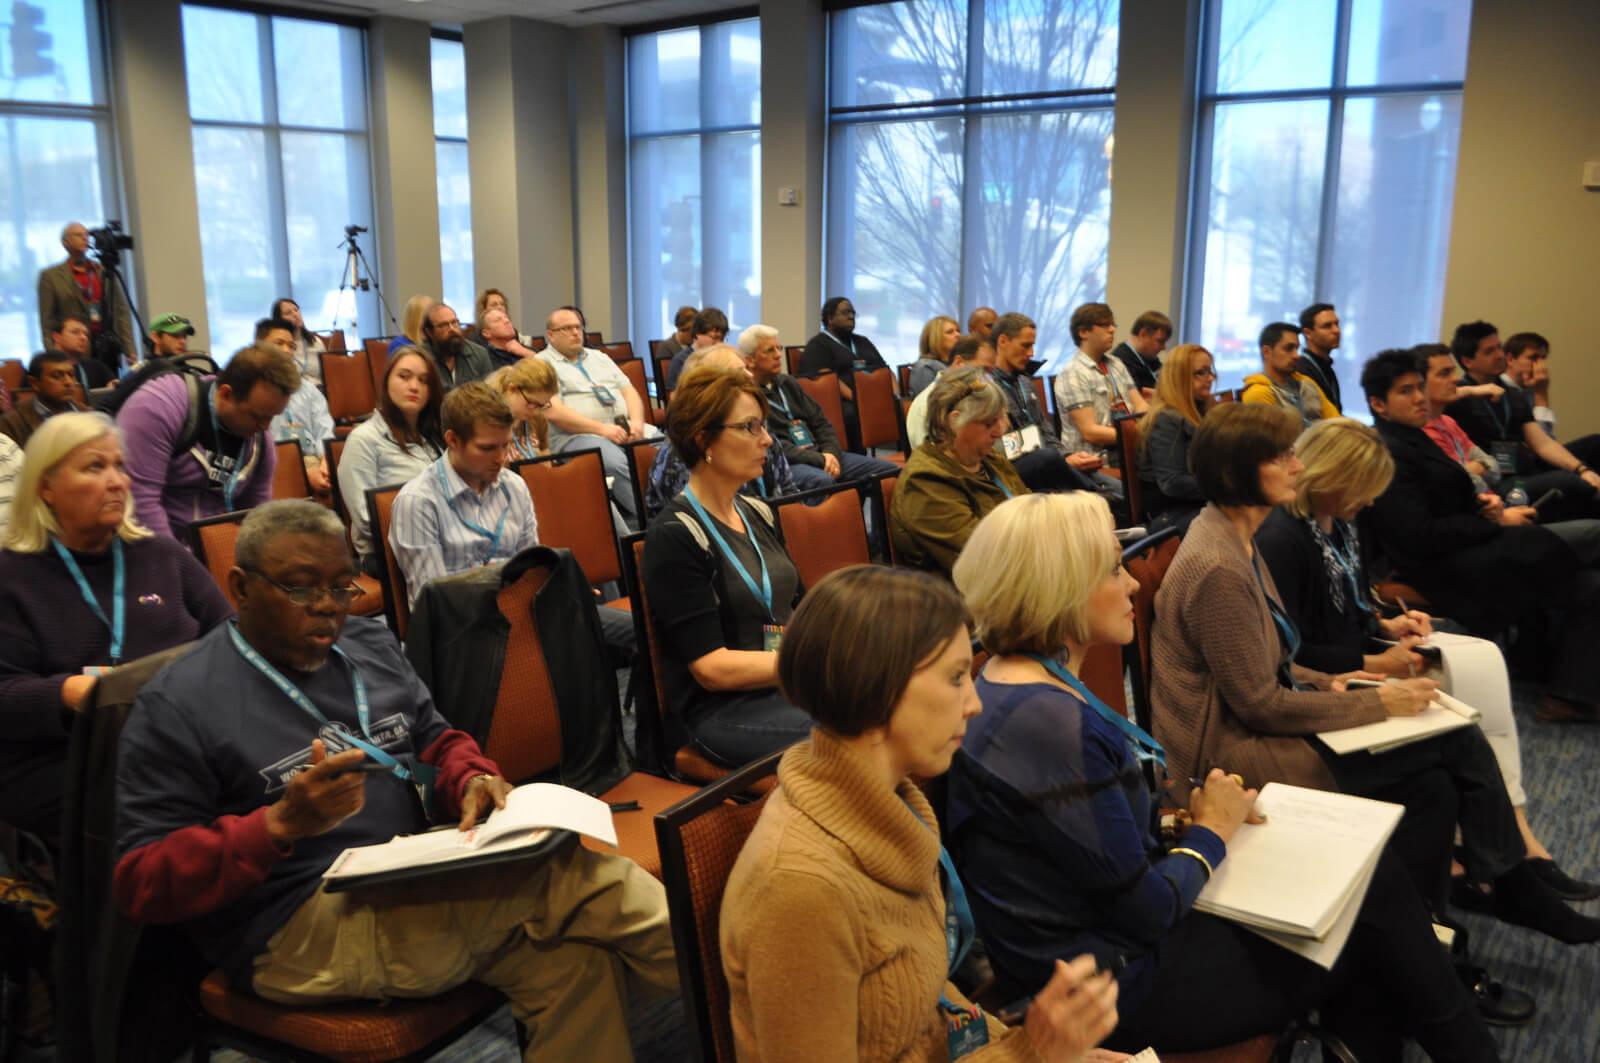 WordCampAtlanta-Loudermilk-Center-Conference-Atlanta